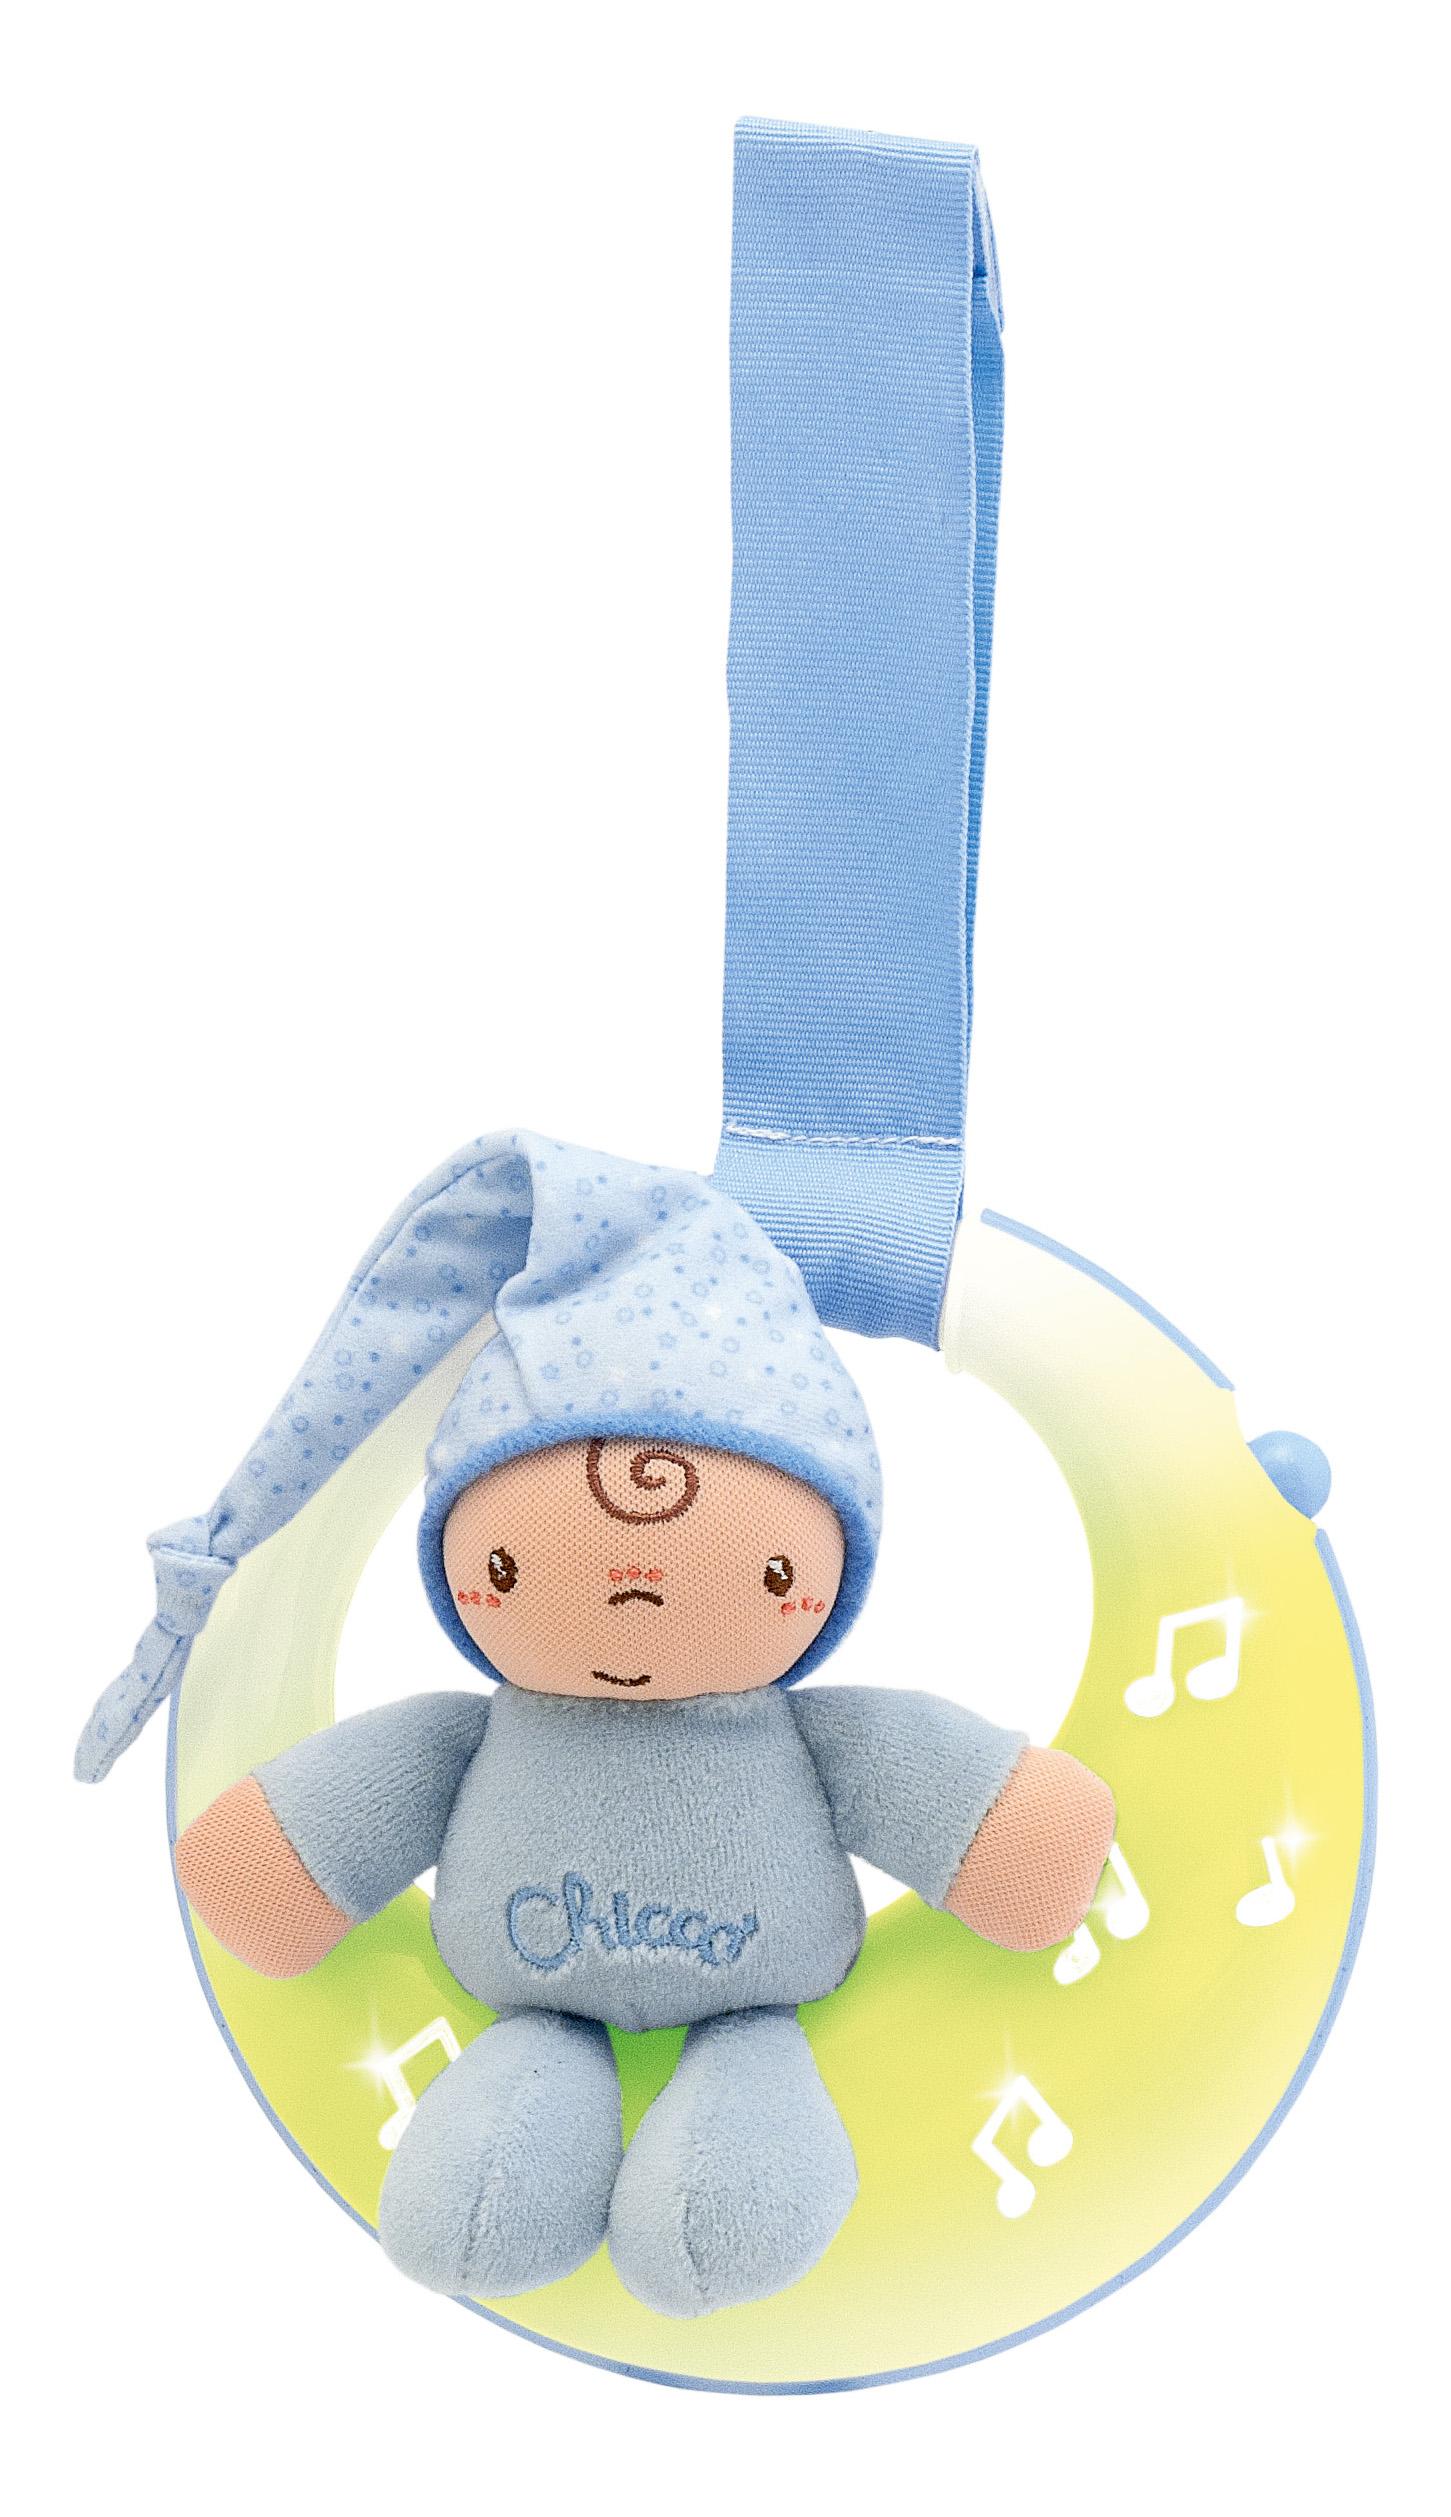 Купить Подвеска для кроватки музыкальная Chicco Спокойной ночи, луна голубая 7804, Развивающие игрушки